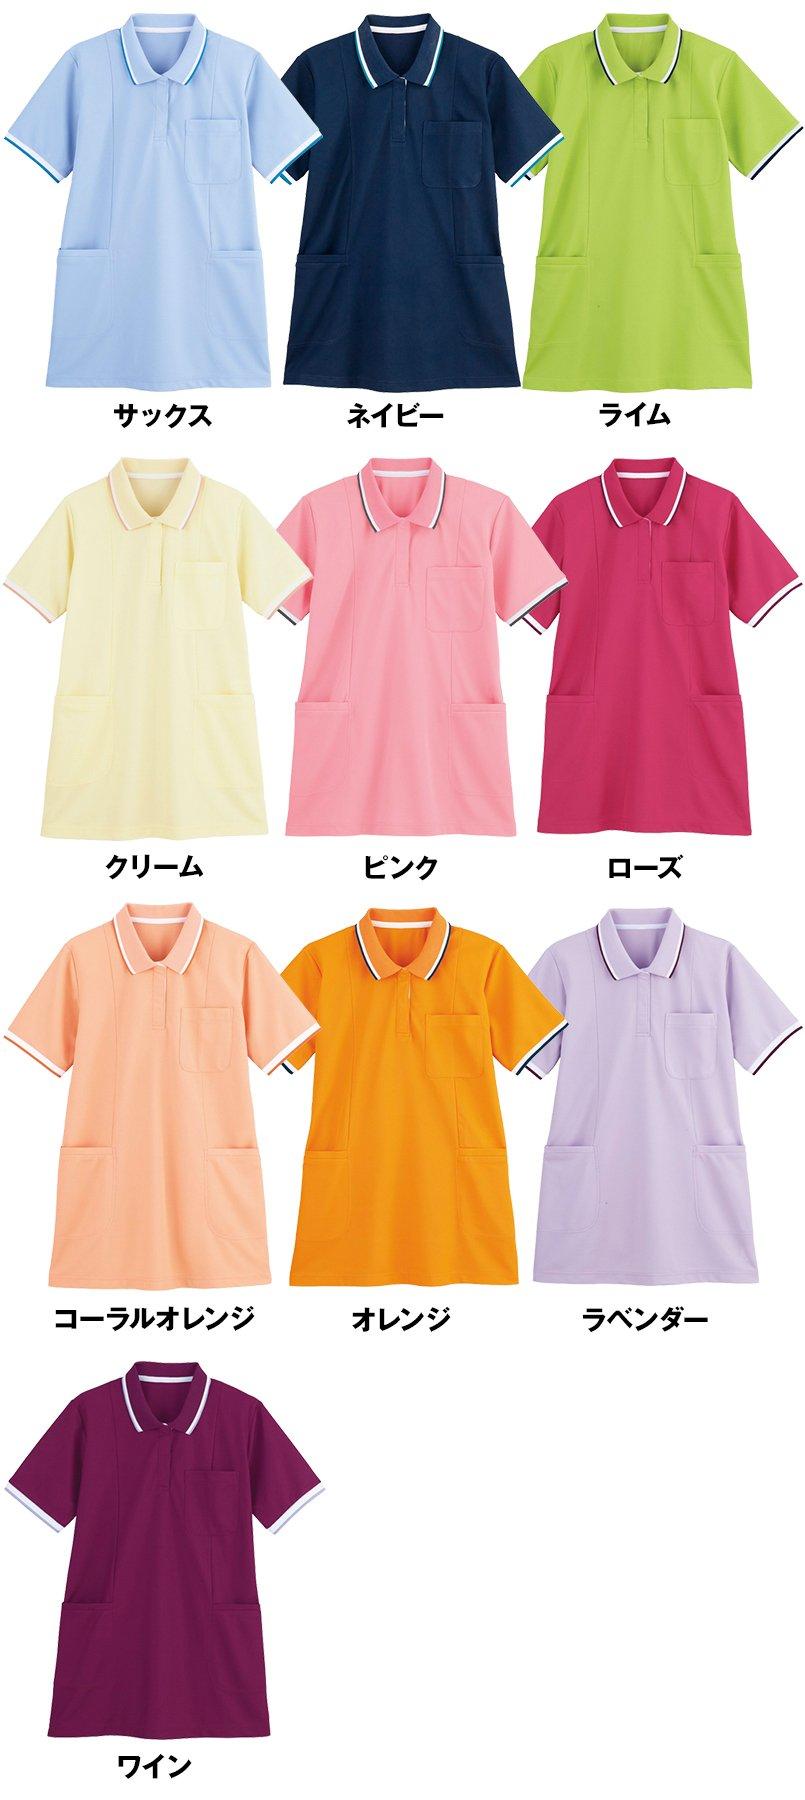 WH90338 自重堂WHISEL半袖 ドライポロシャツ(女性用)のカラーバリエーション